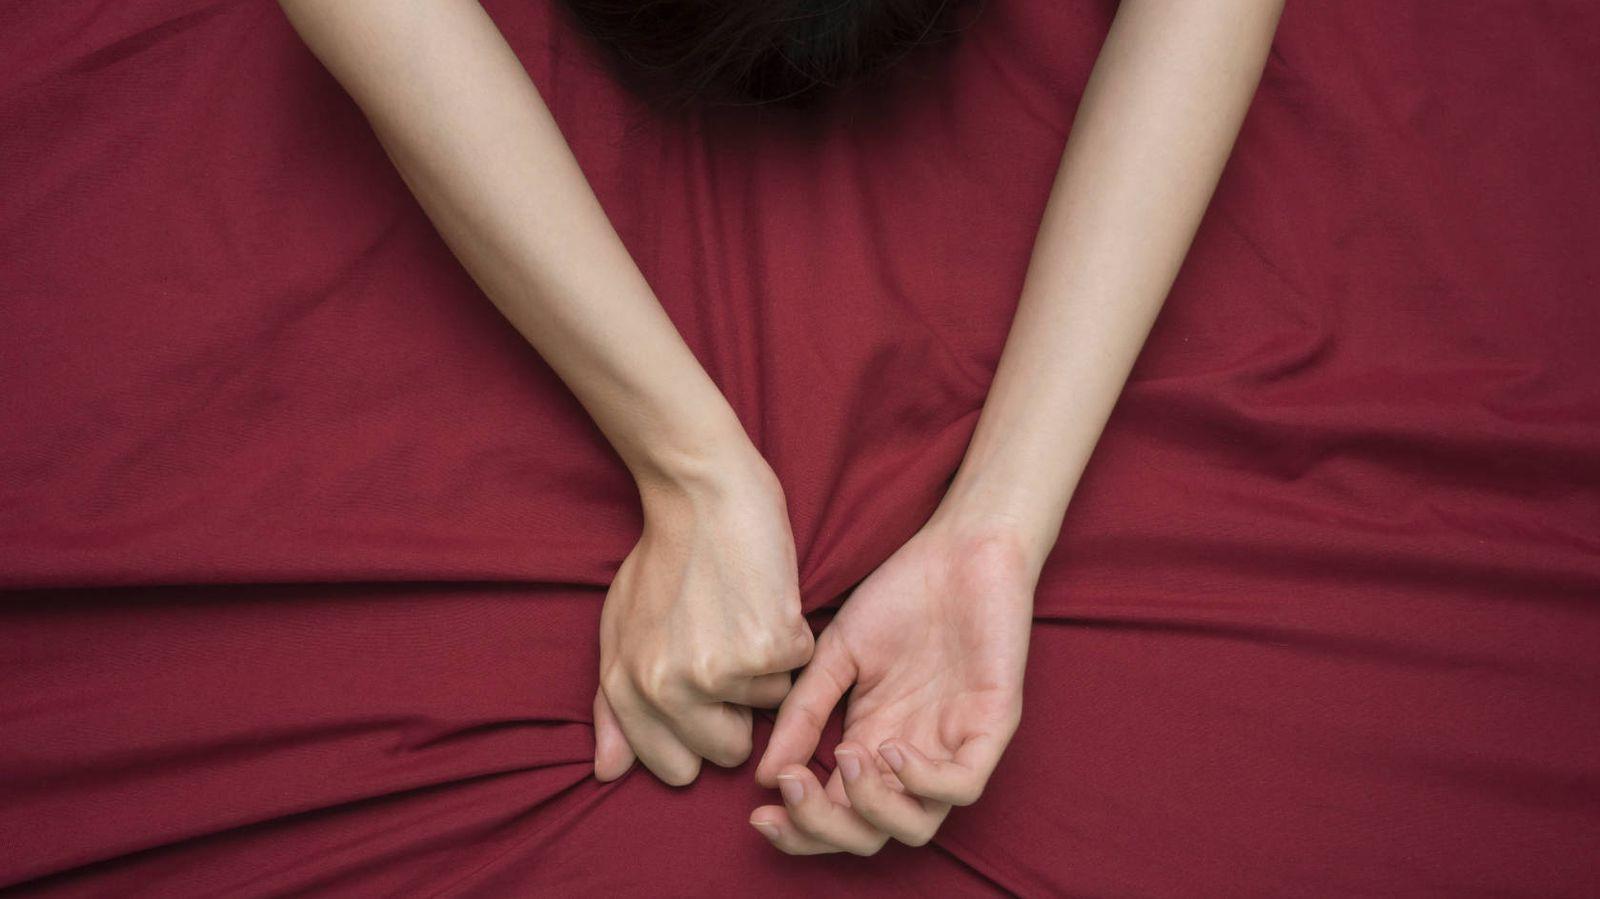 Orgasmos De Virgenes orgasmo: estuve más de 20 años sin alcanzar el orgasmo hasta